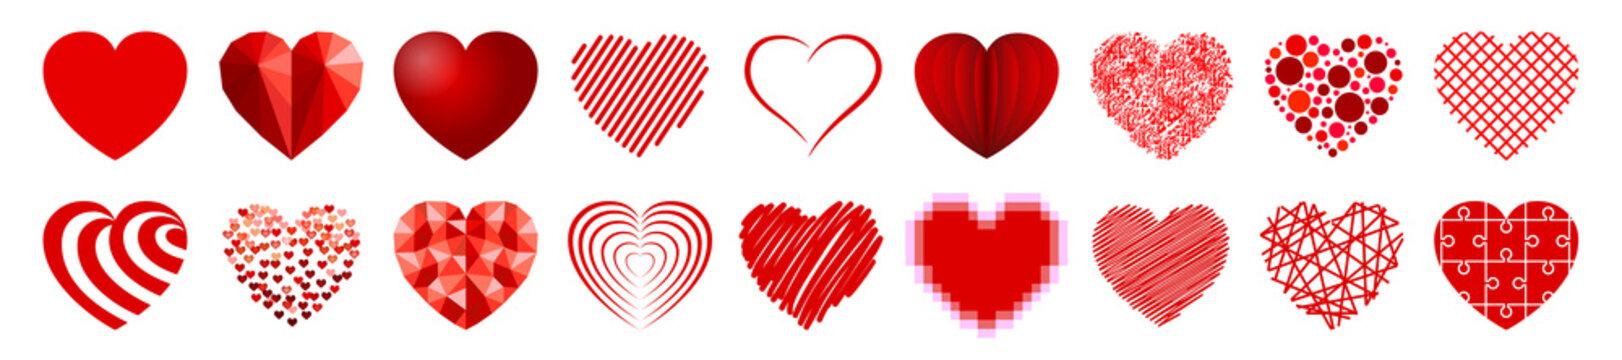 Set of eighteen hearts - vector